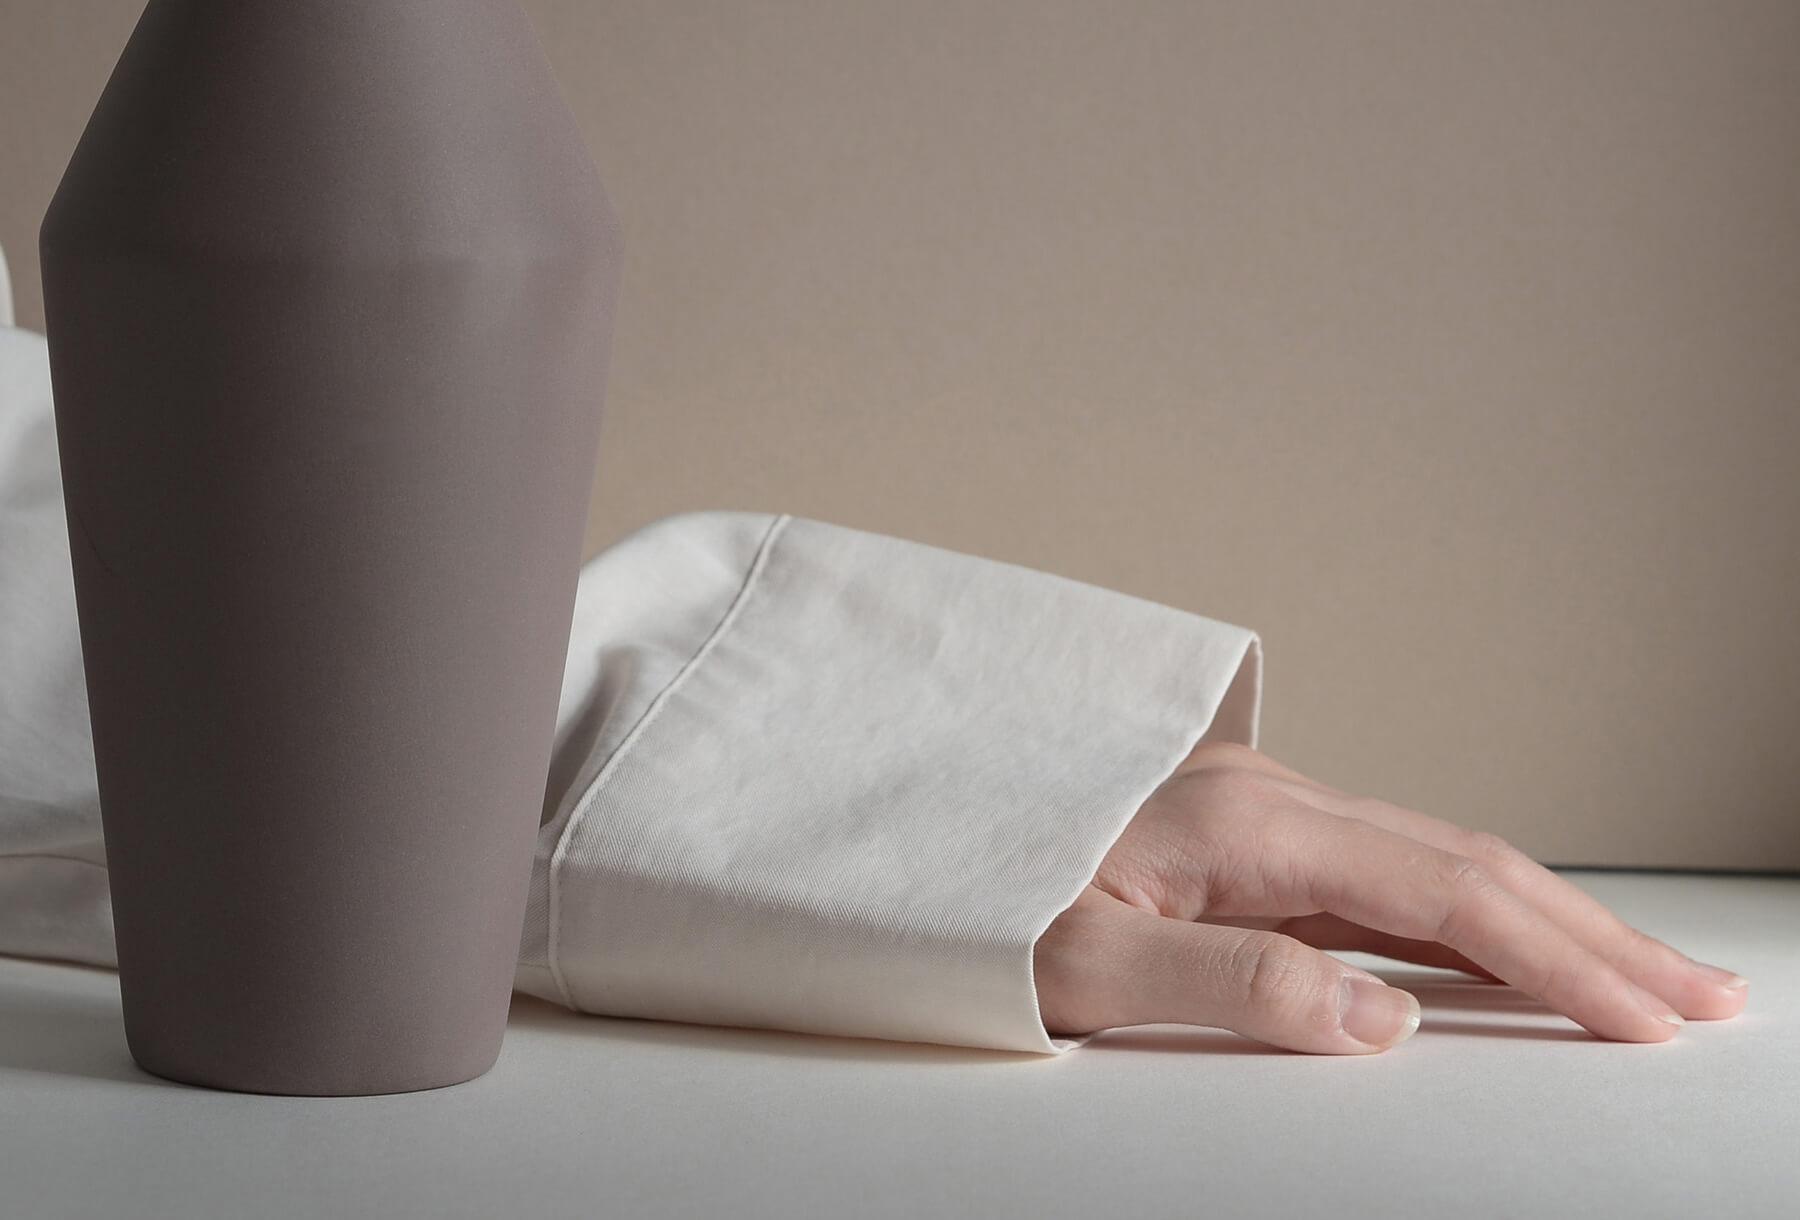 berührung Hände Massage